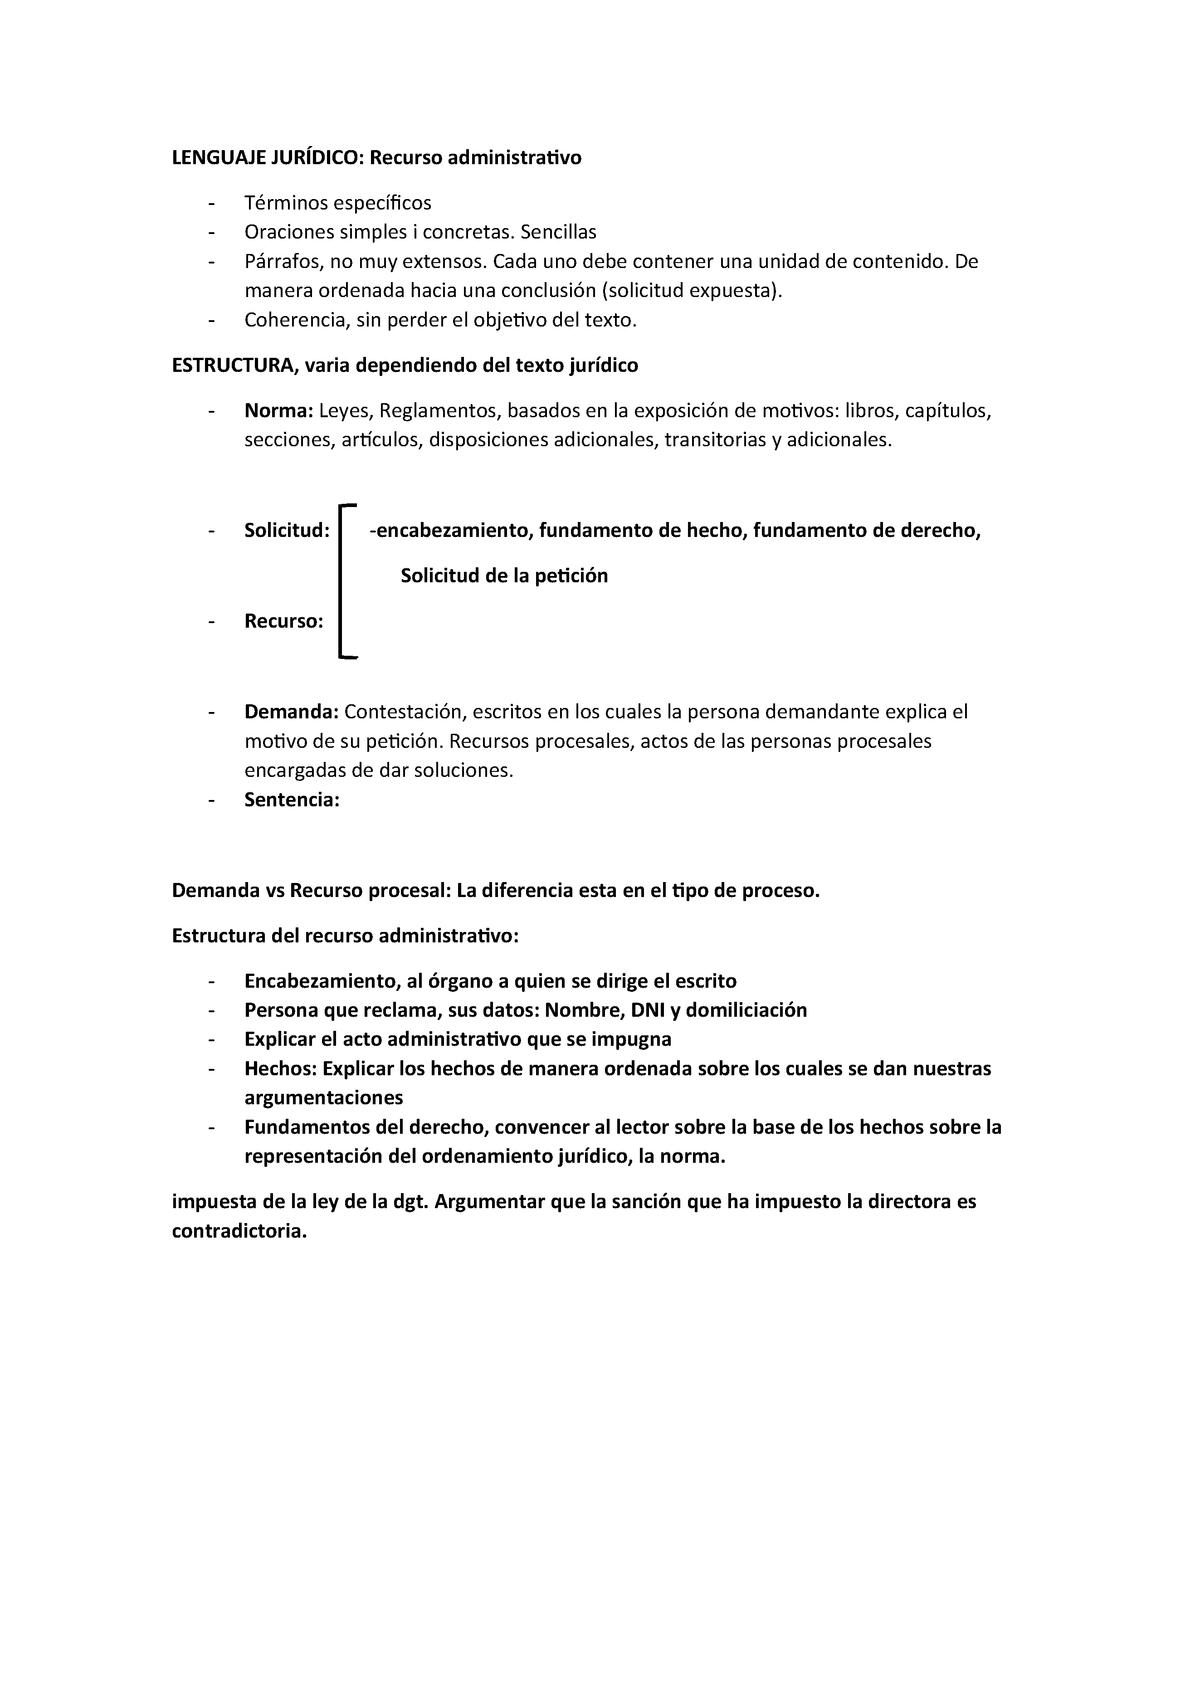 Lenguaje Jurídico Características De Un Recurso